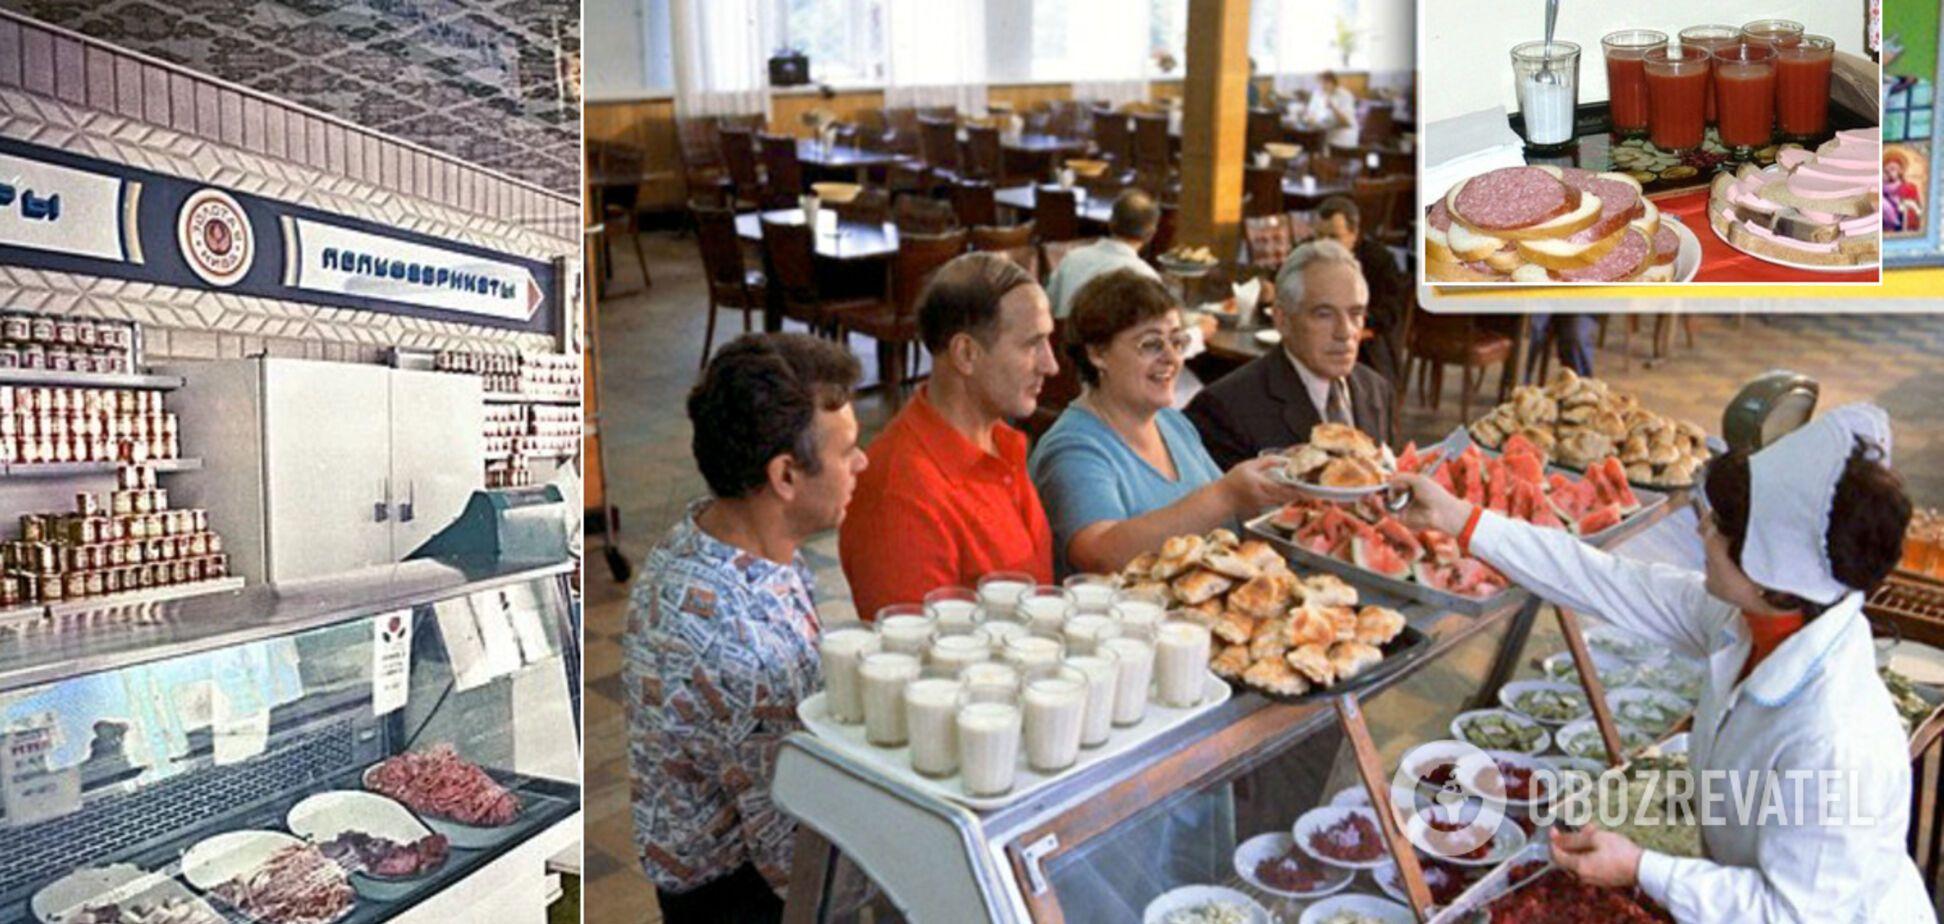 Кофе с пельменями и консервация: что ели обычные люди в СССР